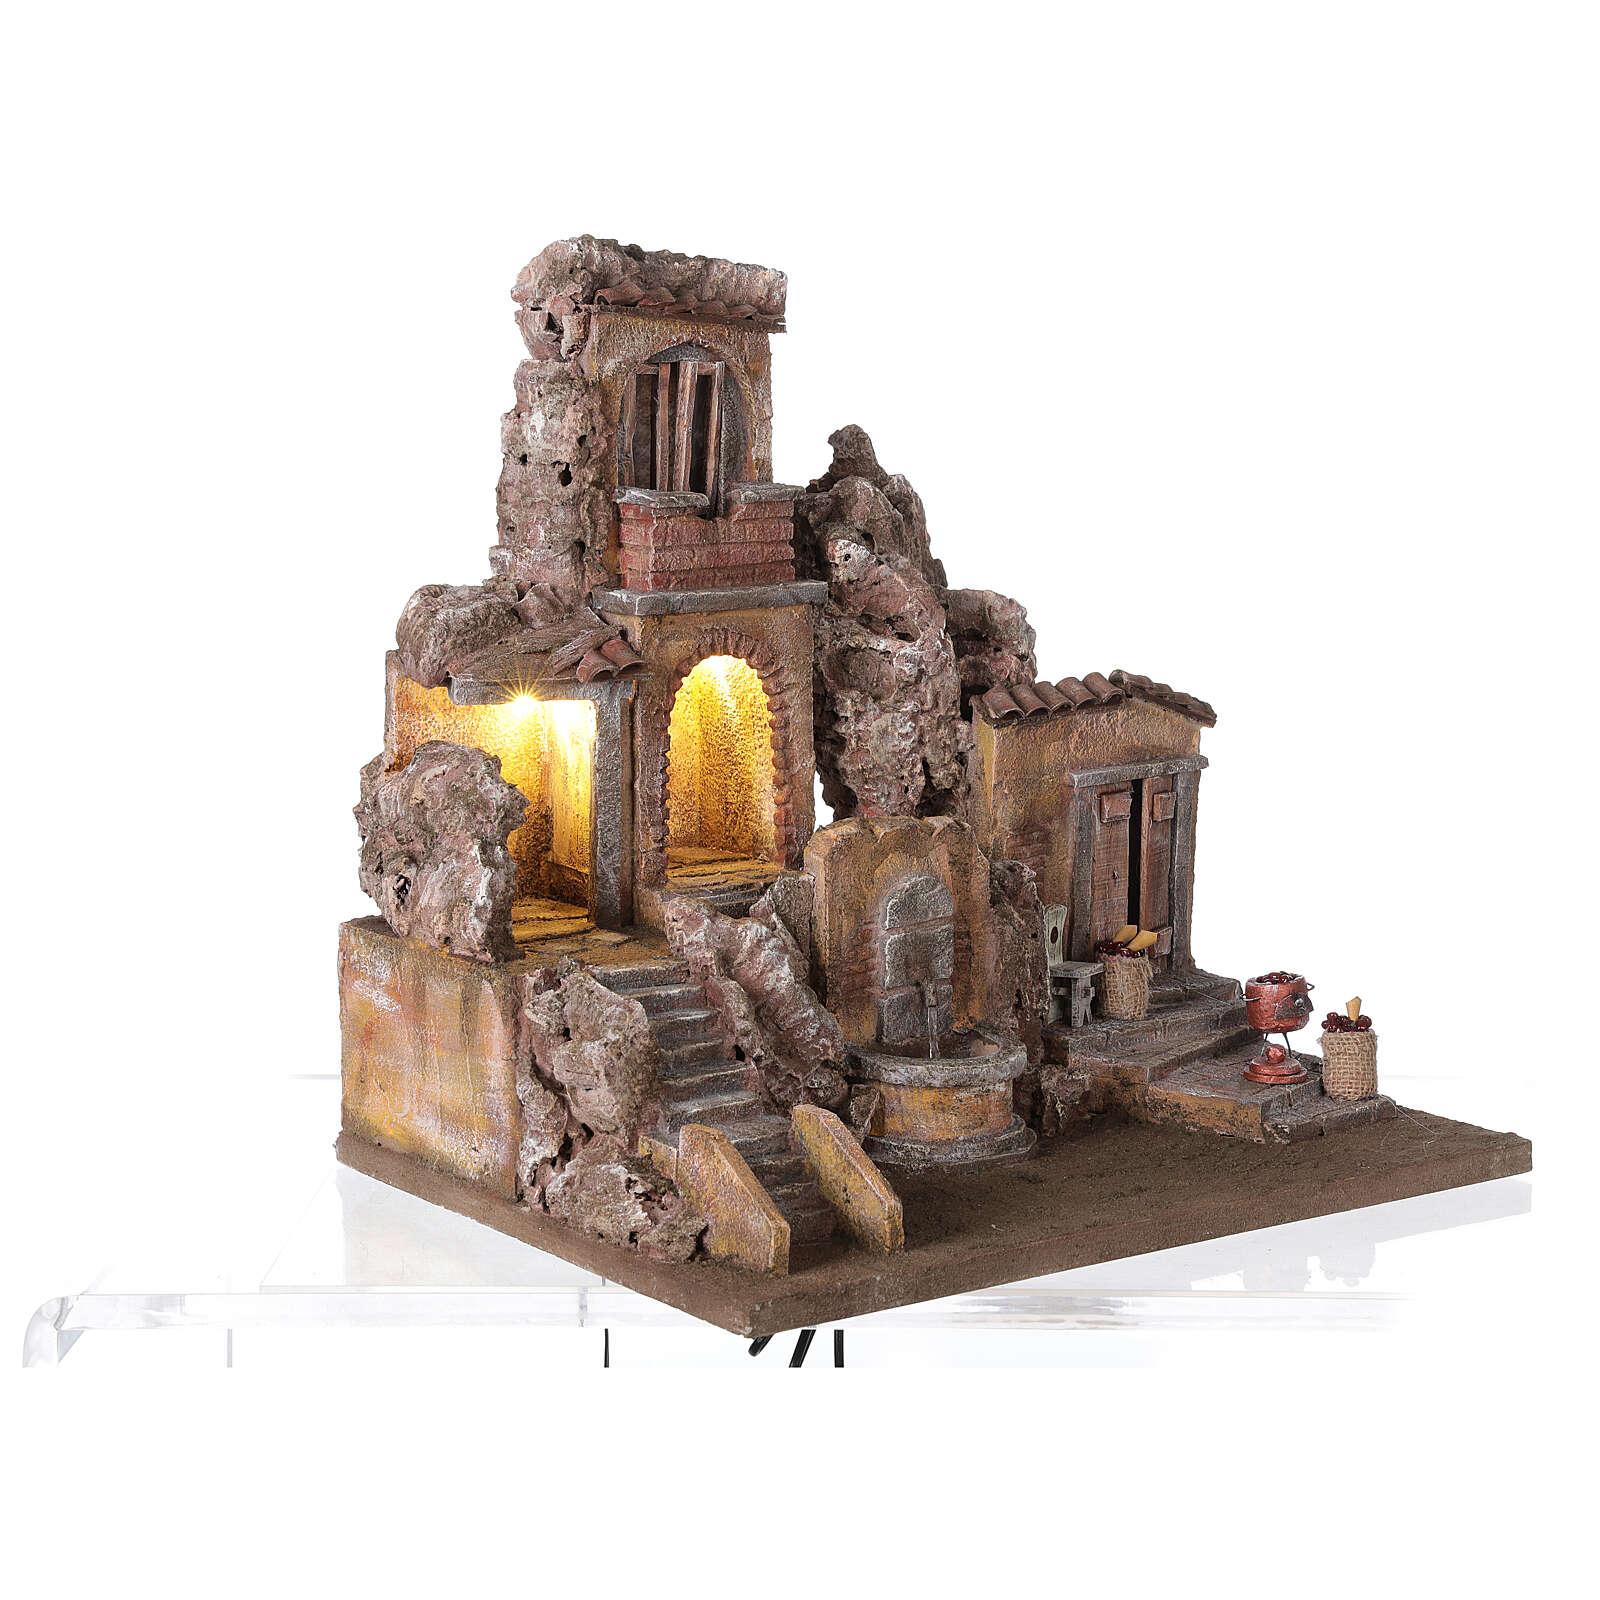 Borgo presepe illuminato con fontanella 40x5x35 per statue 10 cm 4